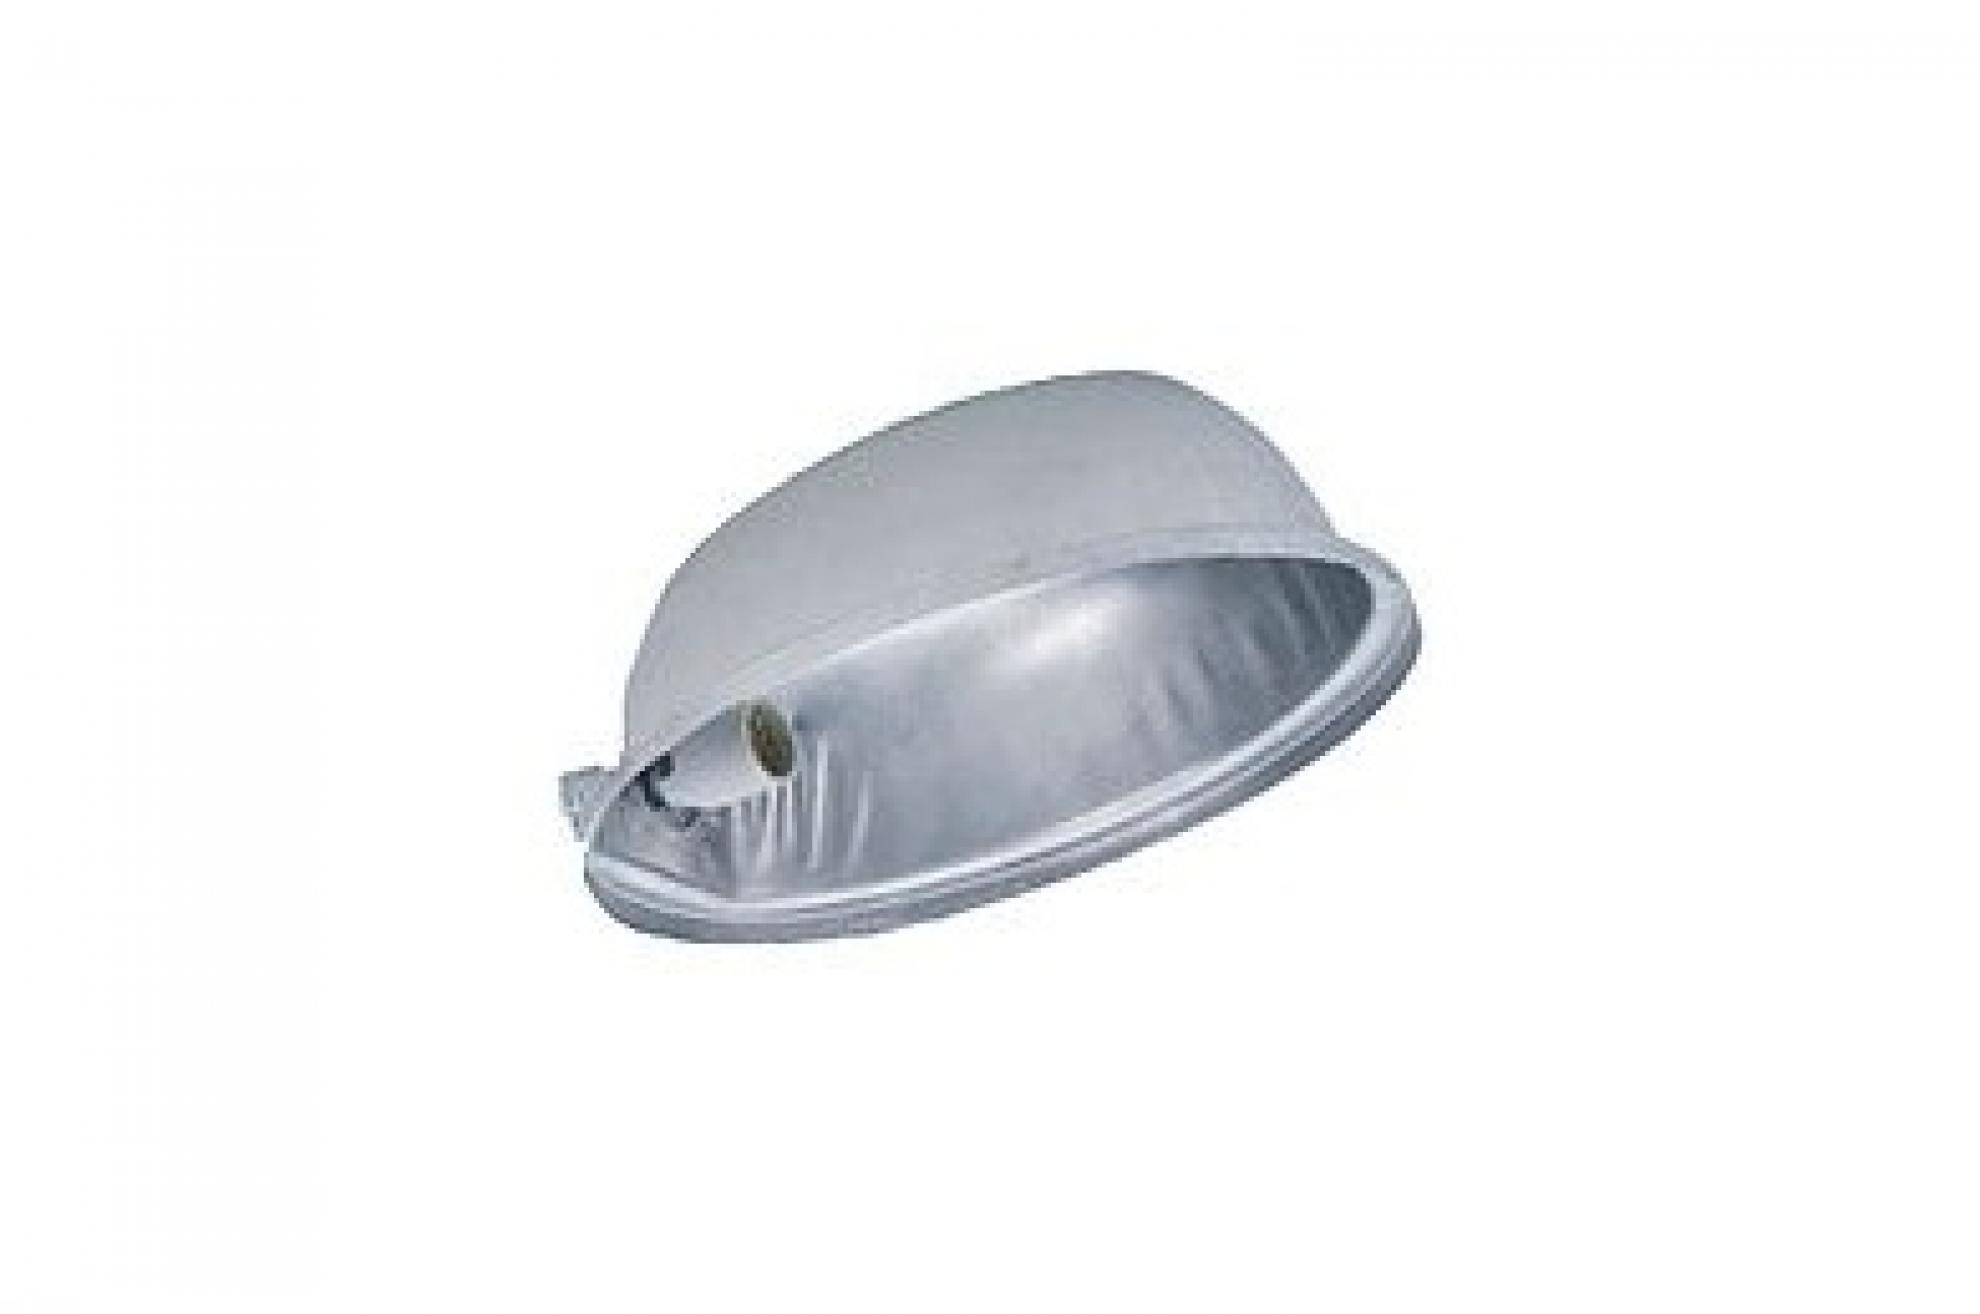 Luminaria para poste com policarbonato - 250V E-40